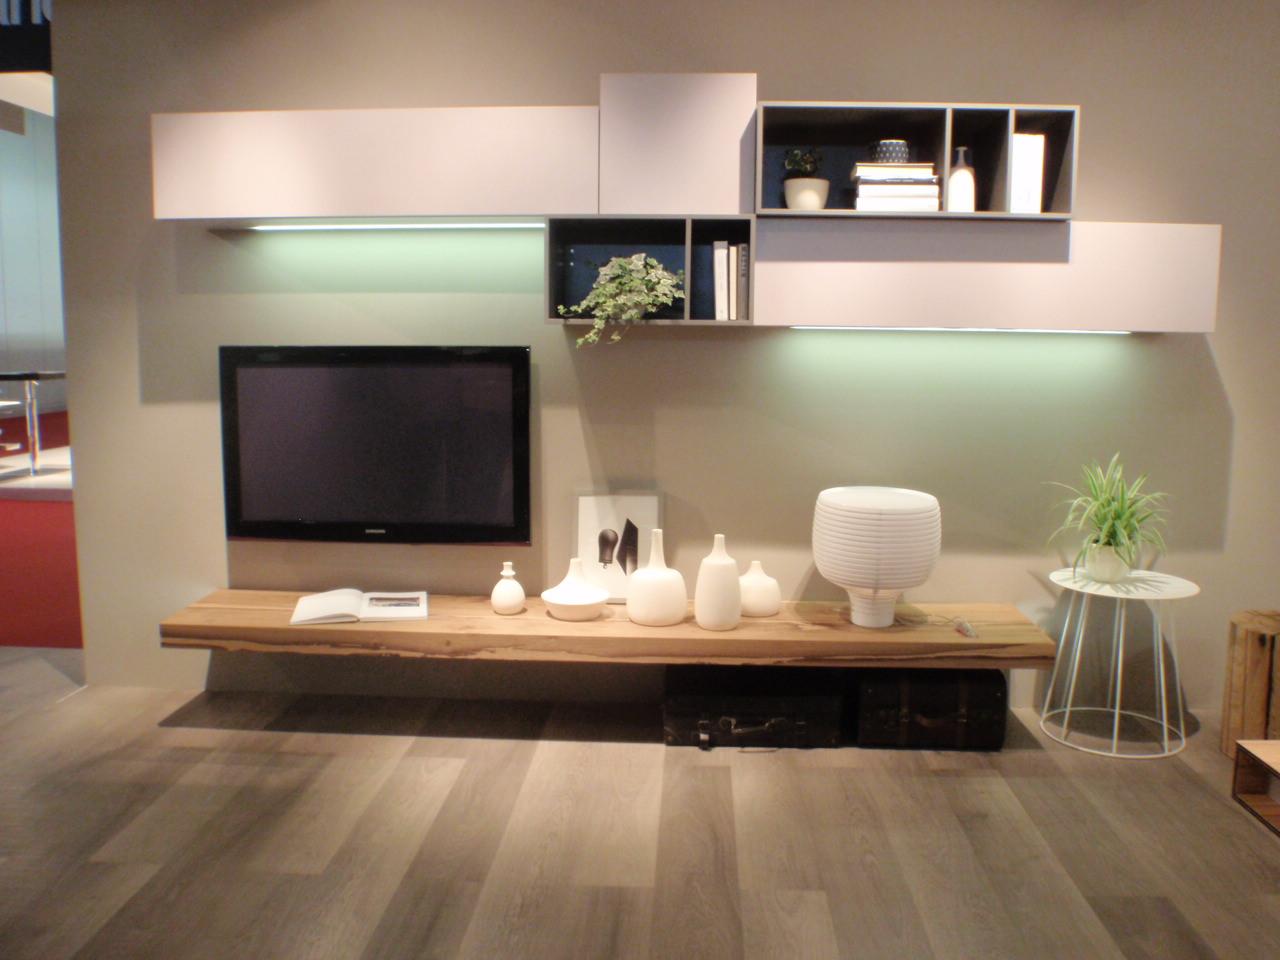 Casa immobiliare accessori complementi d arredo soggiorno for Arredo soggiorno